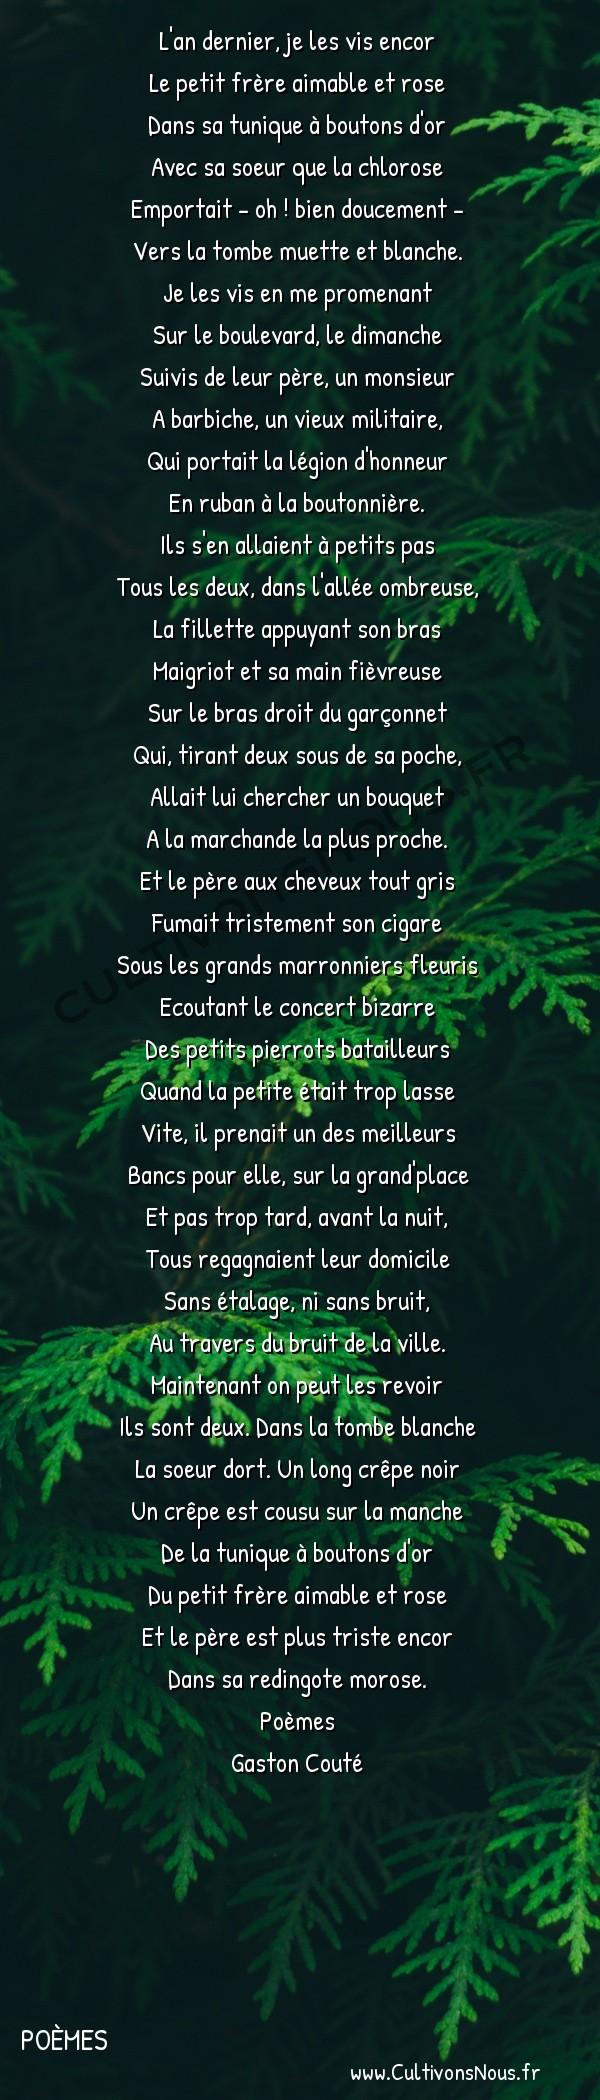 Poésie Gaston Couté - Poèmes - Un crêpe au bras -  L'an dernier, je les vis encor Le petit frère aimable et rose